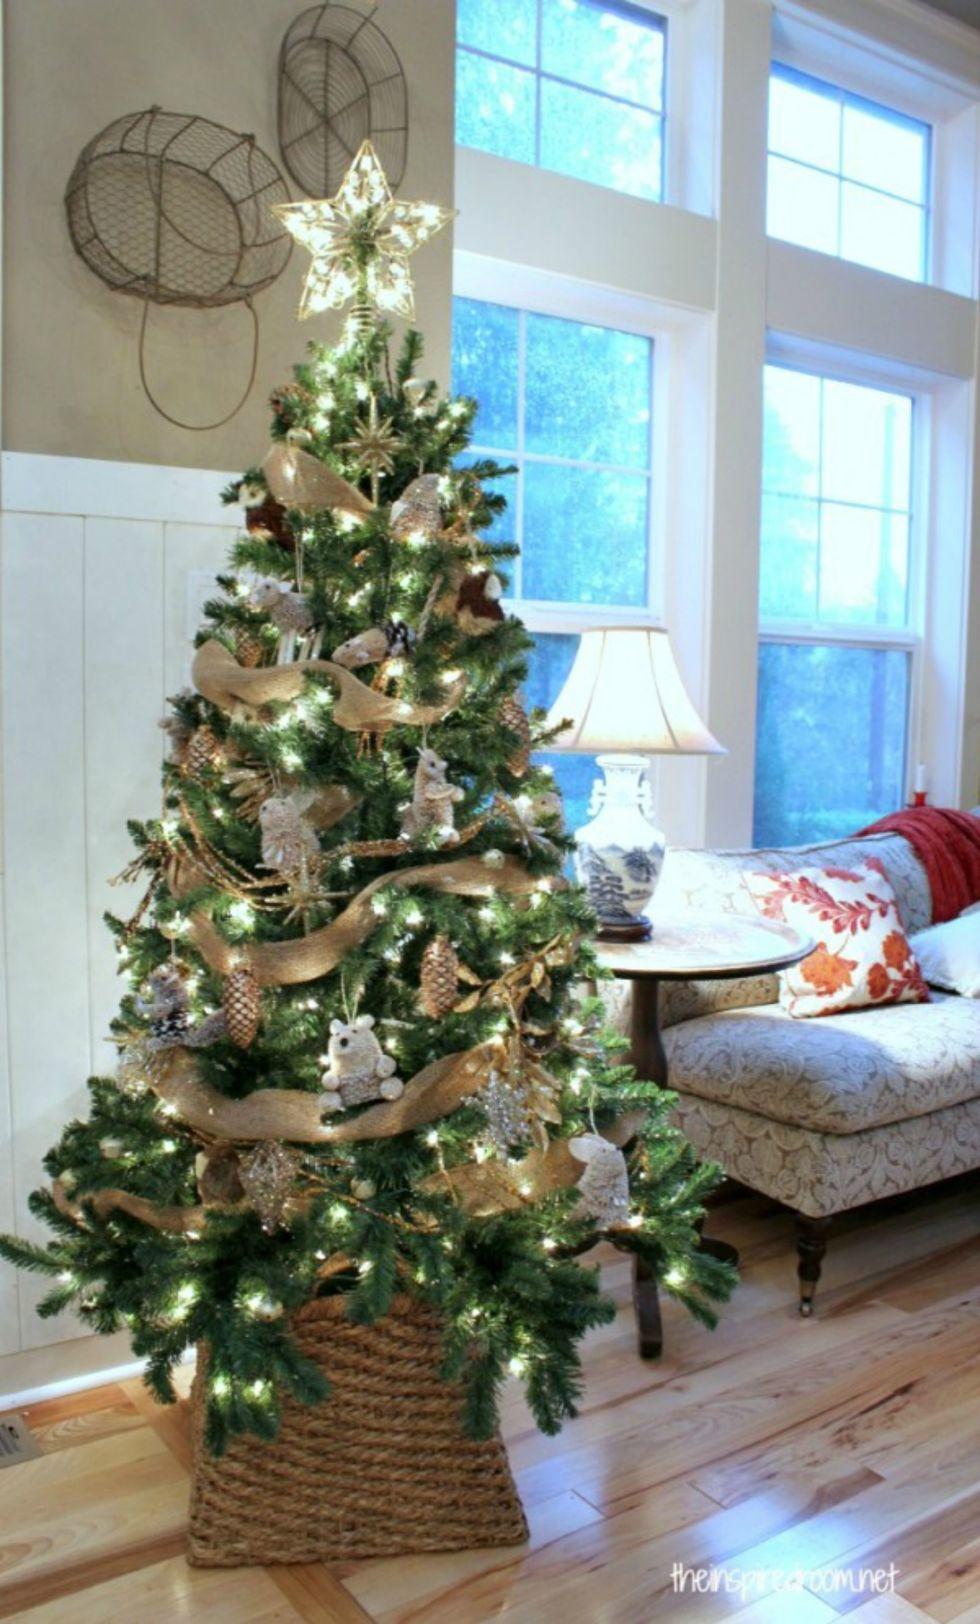 Unique Christmas Trees Christmas Tree Decorations Christmas Tree Decorating Ideas